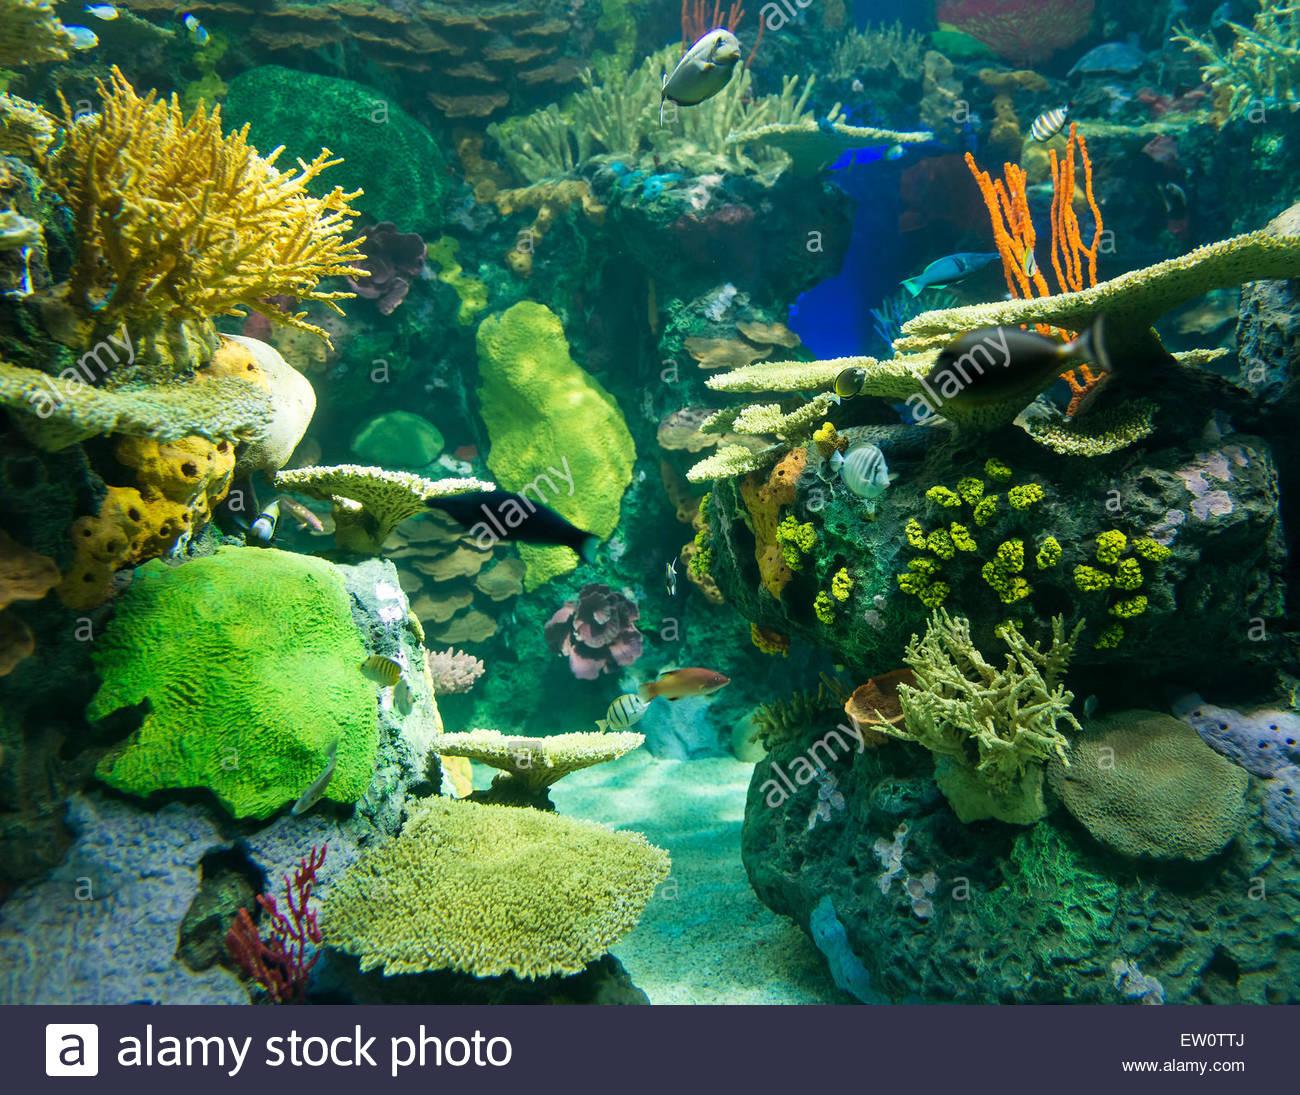 korallenriffe sind unterwasser strukturen hergestellt aus